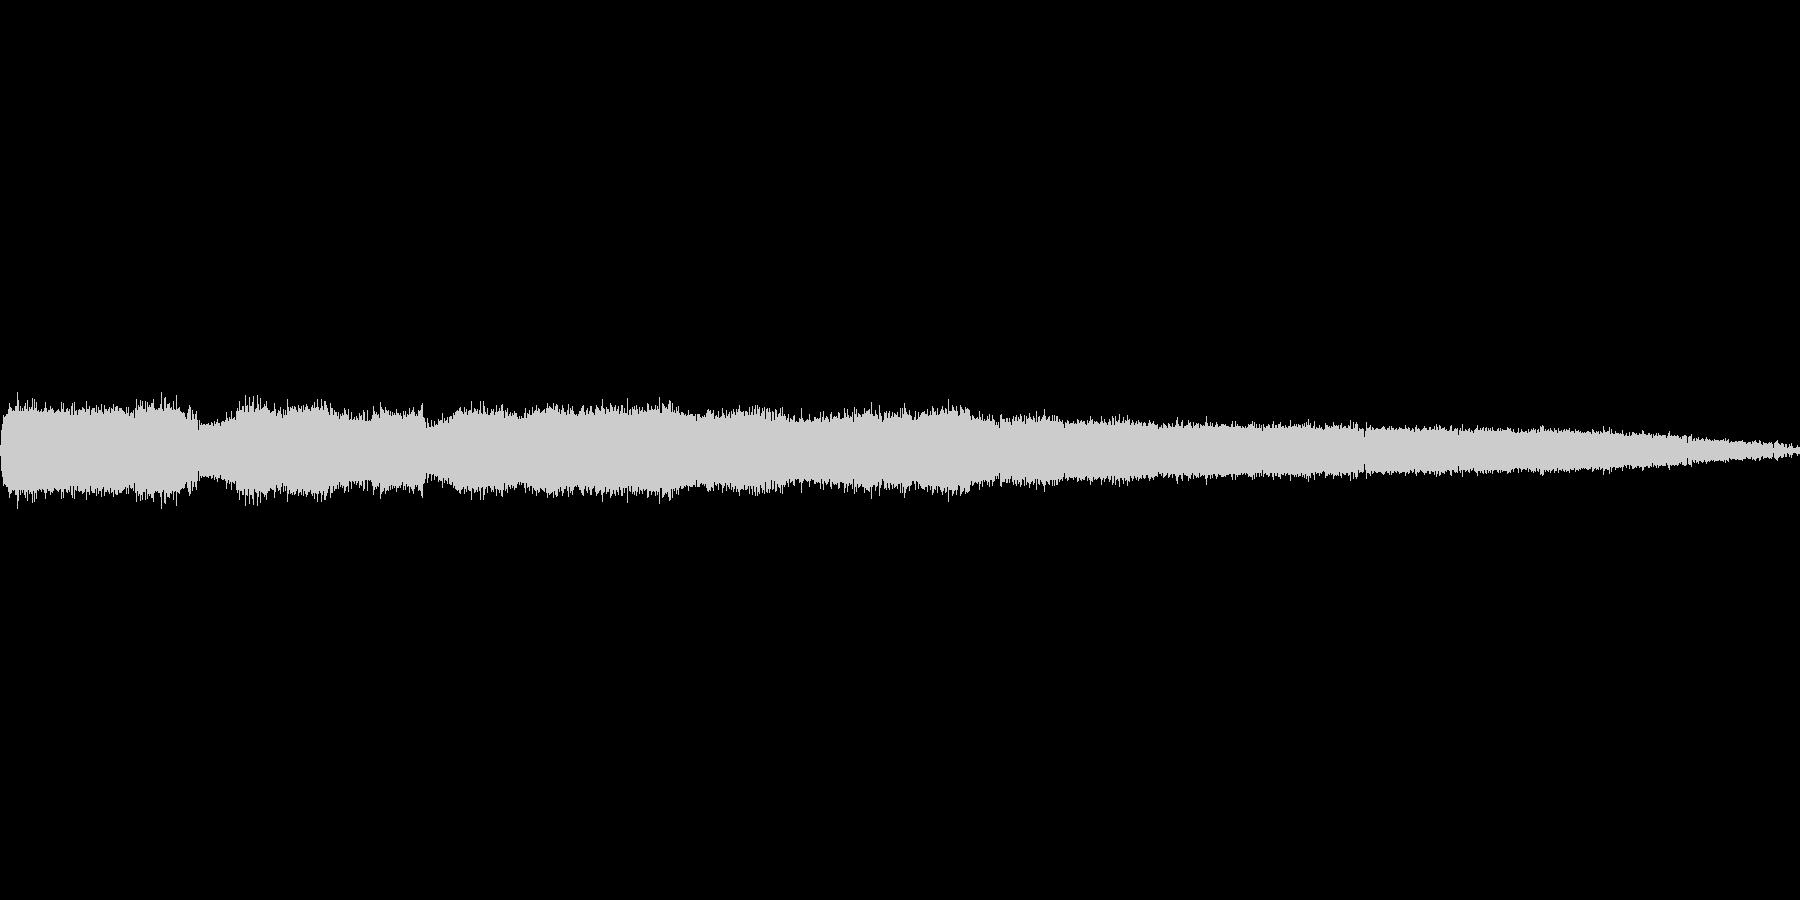 ガチャガチャ!「にぎやかな虫の音色」の未再生の波形